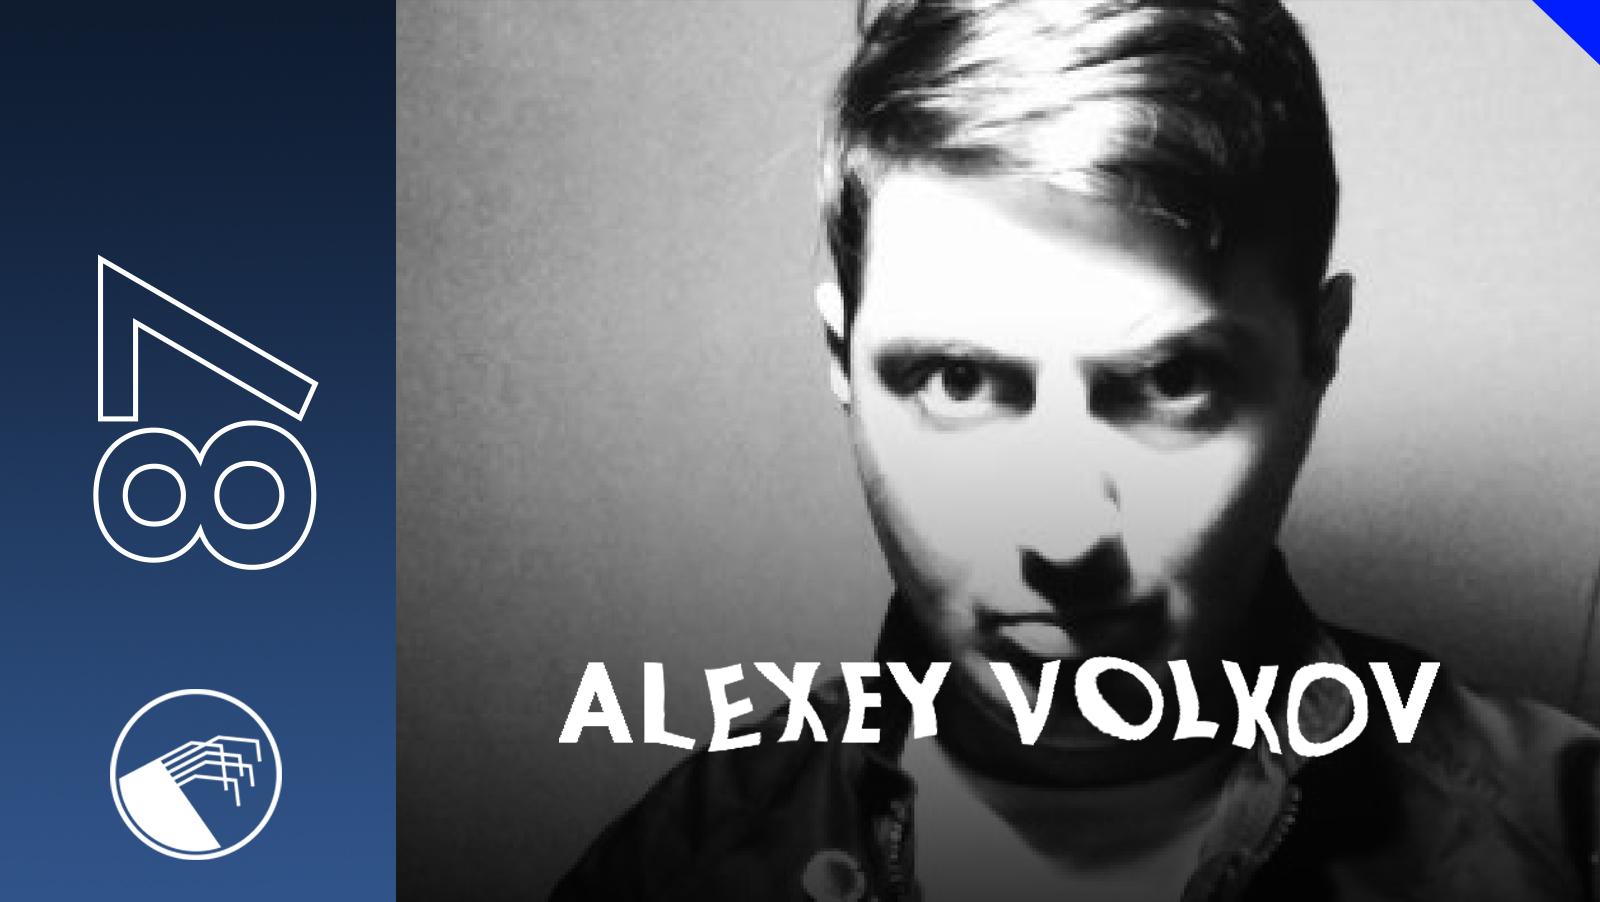 087 Alexey Volkov